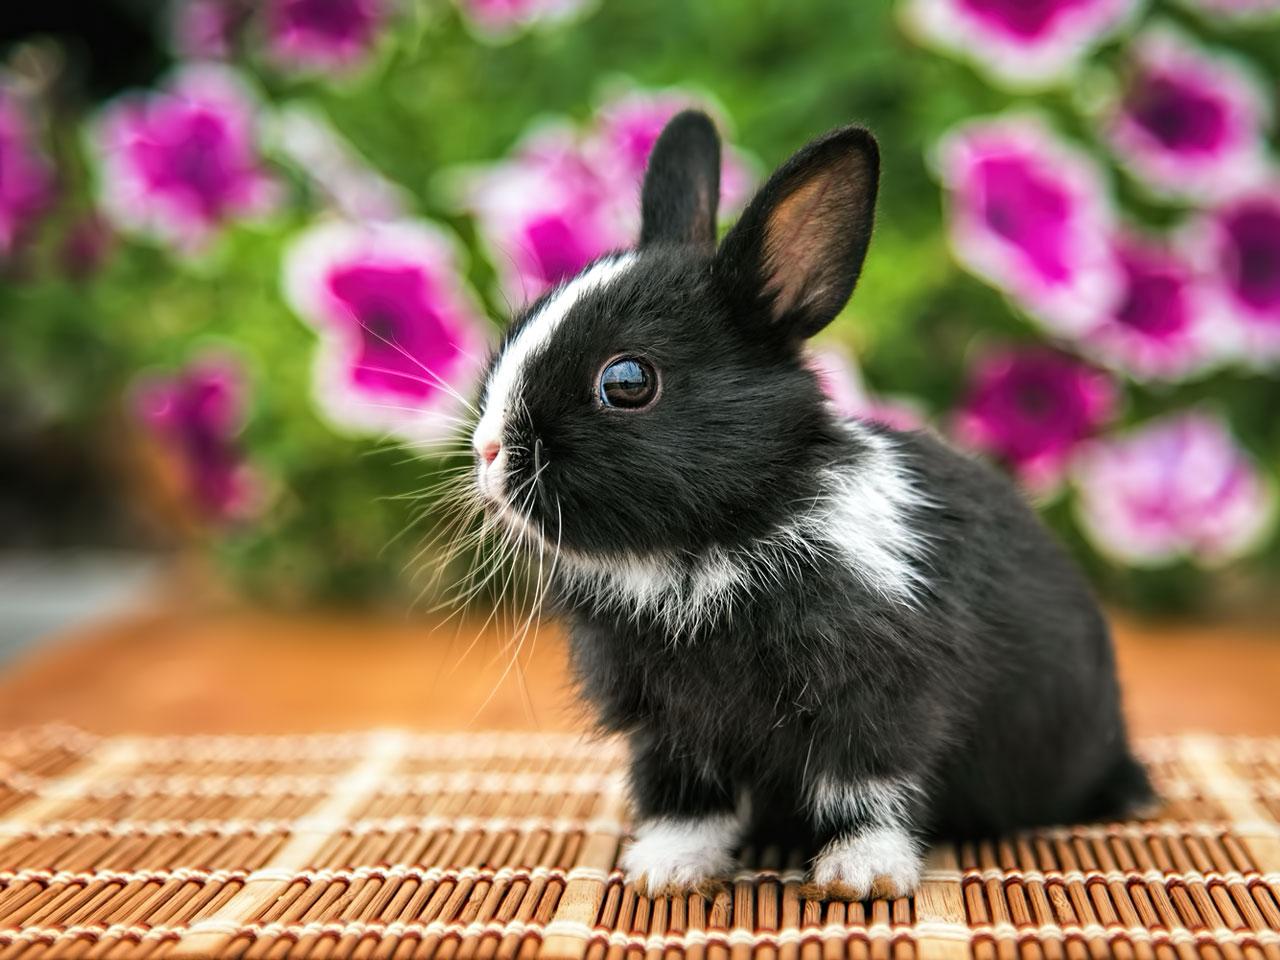 kleintierb rse kaninchen kaufen verkaufen. Black Bedroom Furniture Sets. Home Design Ideas